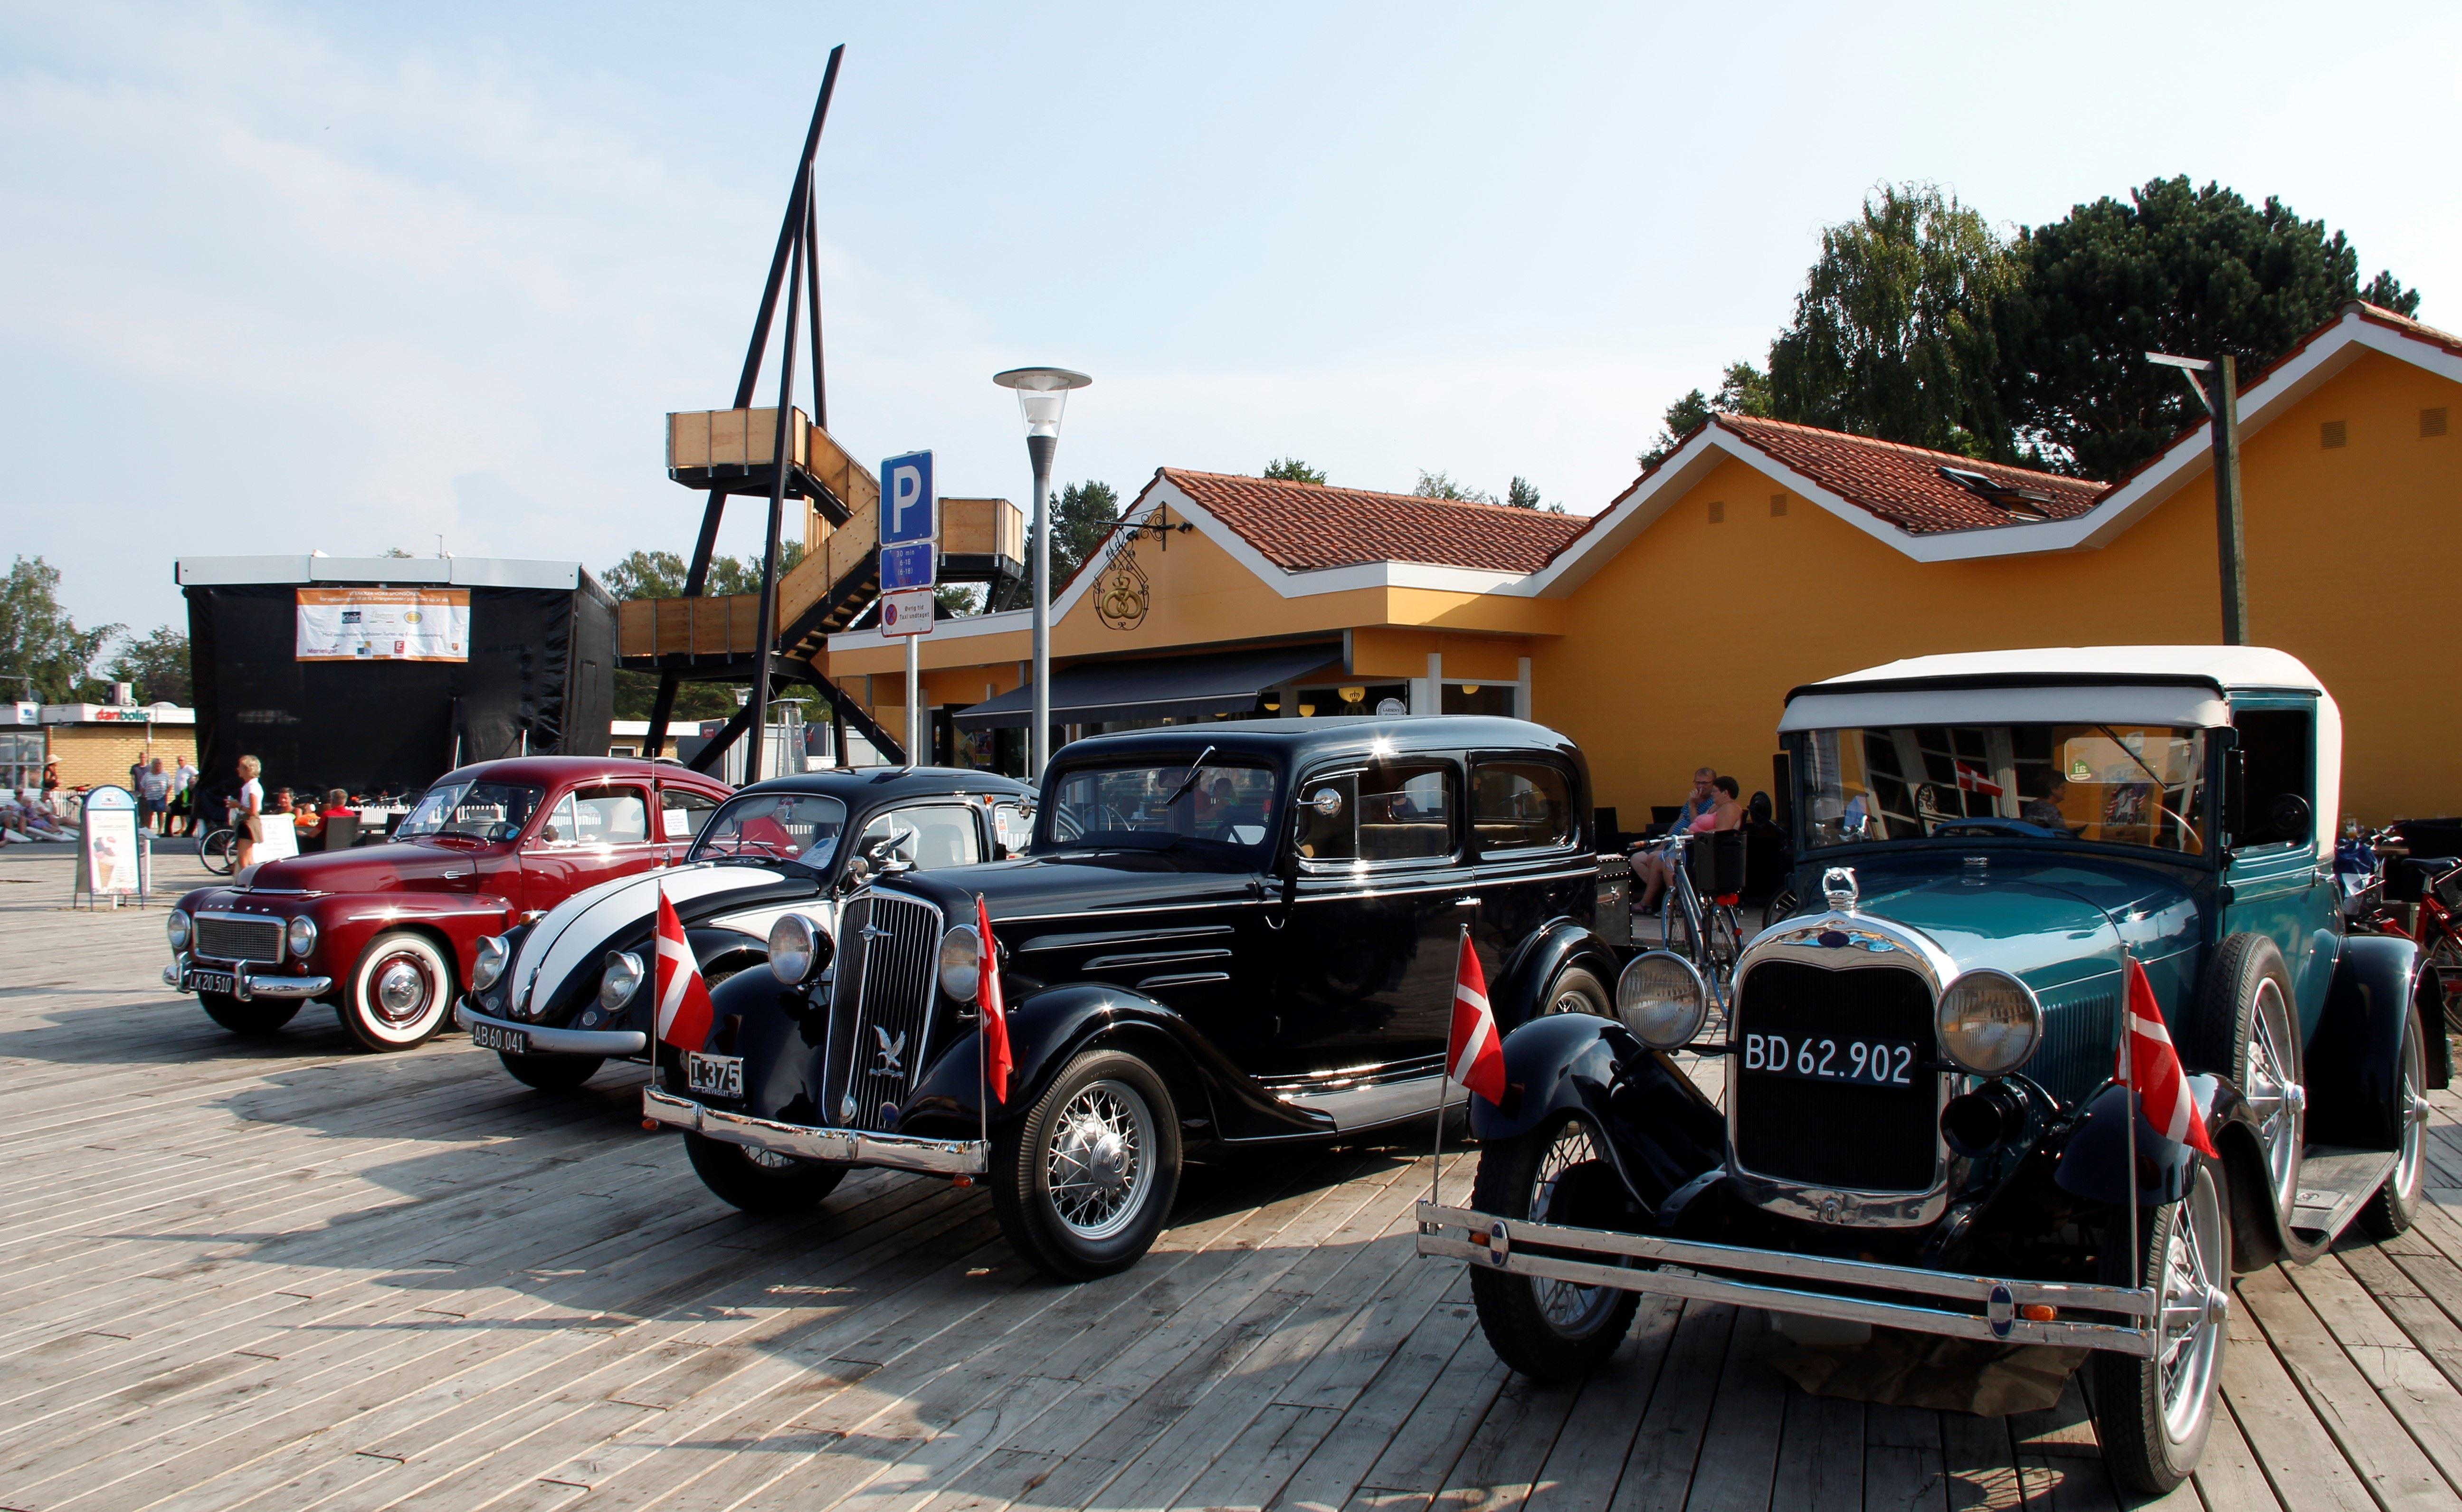 Old Town, Gamle biler på torvet i Marielyst, Restraurant Larsens Plads